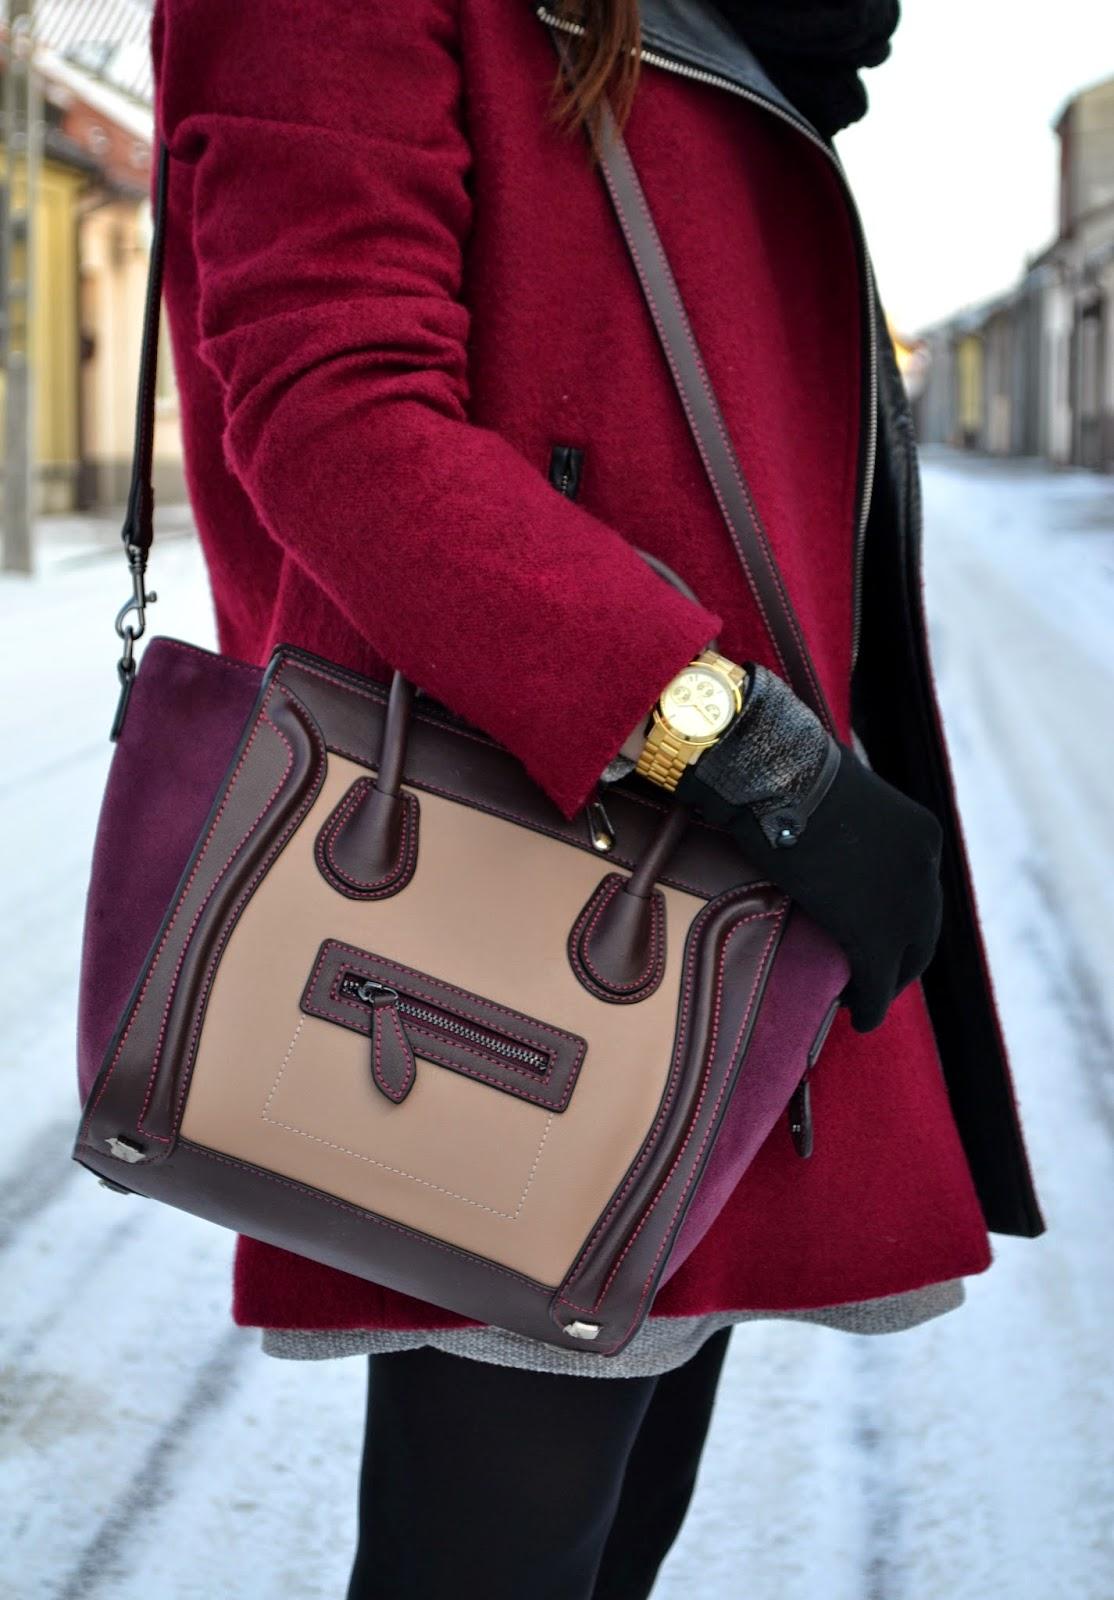 Michael Kors, Burgundowa torebka, bordowy płaszcz, marsala, zloty zegarek MK